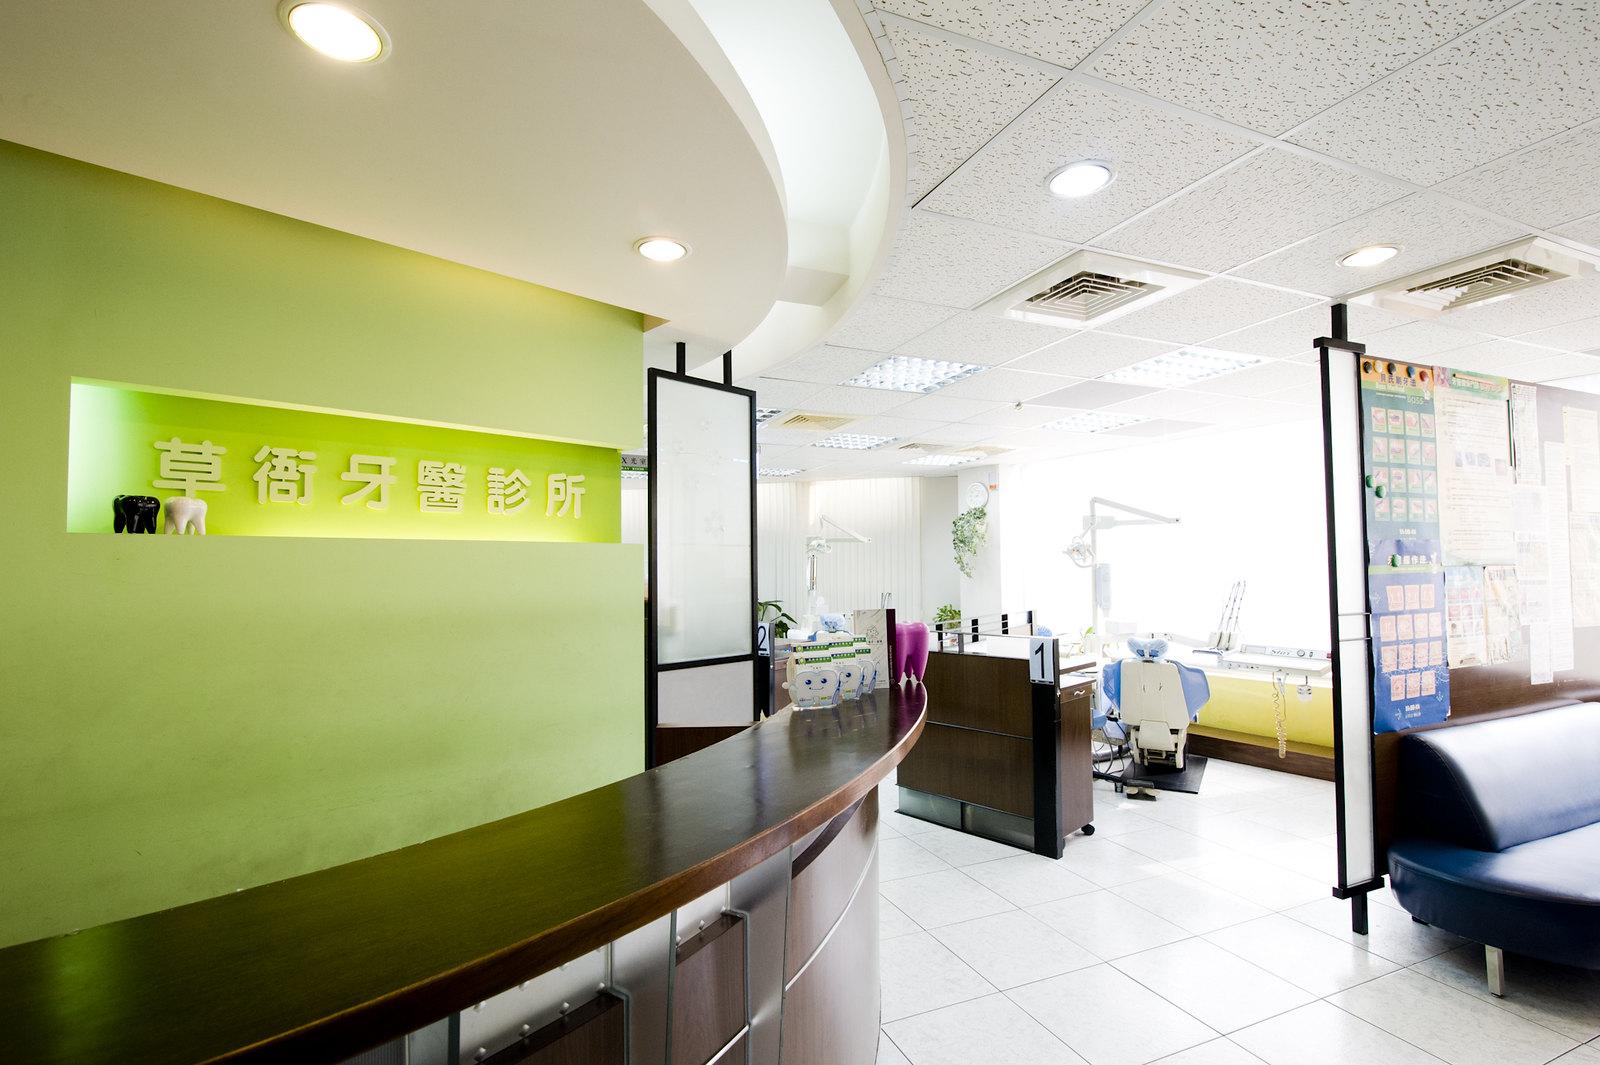 草衙牙醫診所(Abc牙醫聯盟)圖片1